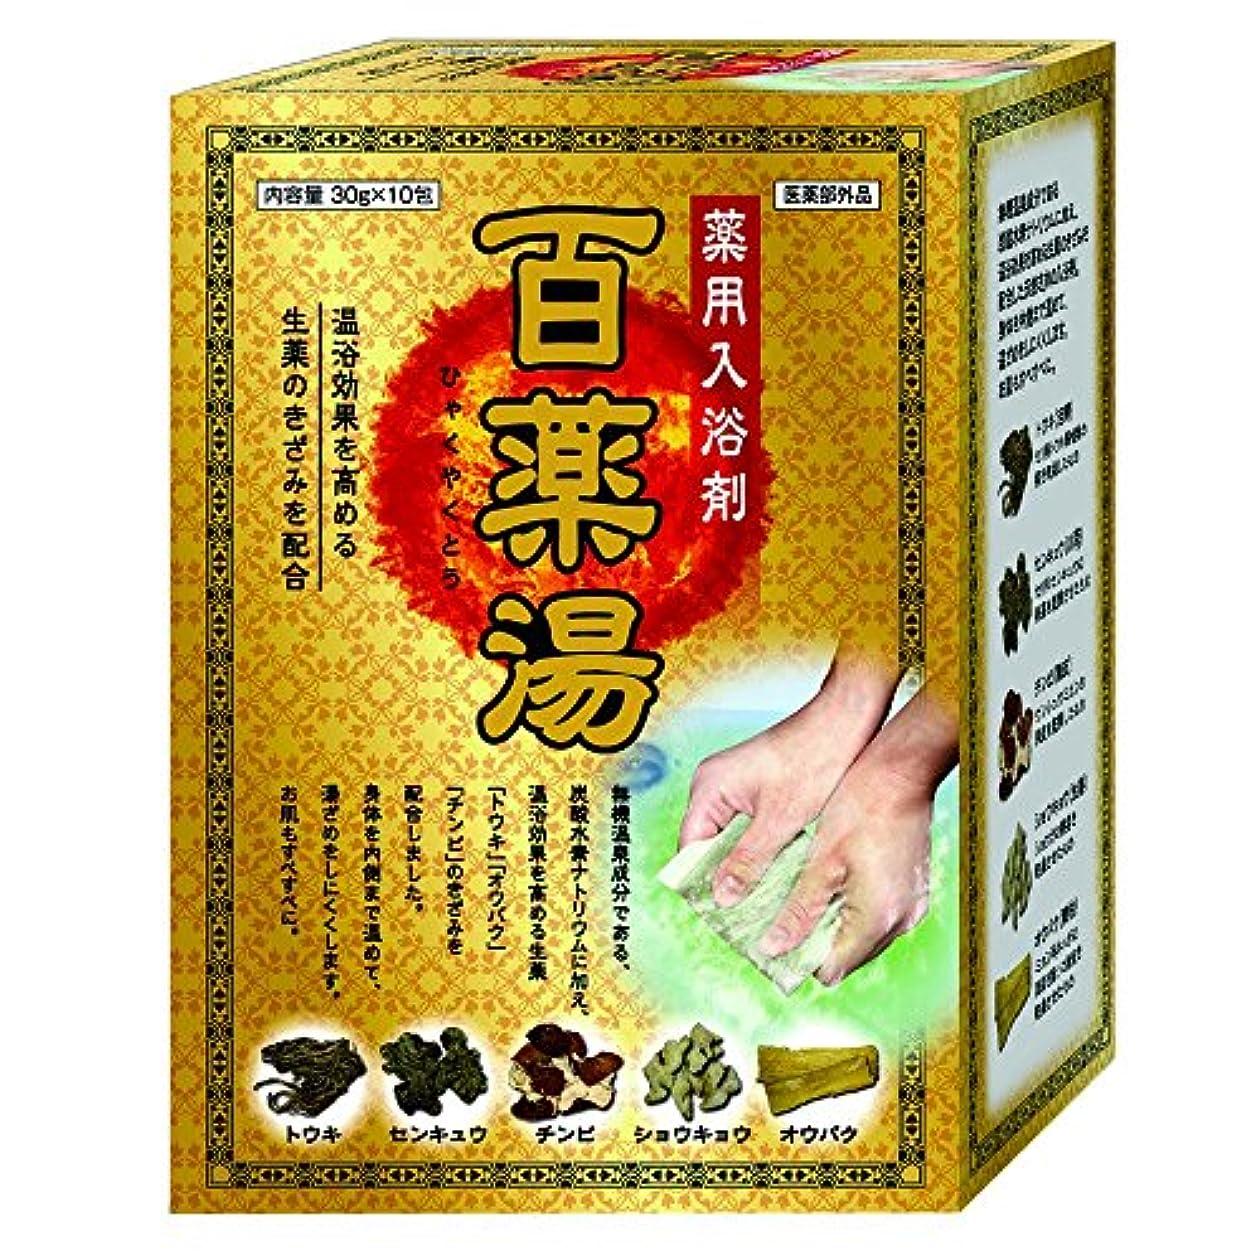 変換する飢毛細血管百薬湯 薬用入浴剤 温浴効果を高める生薬のきざみを配合 30g×10包 (医薬部外品)